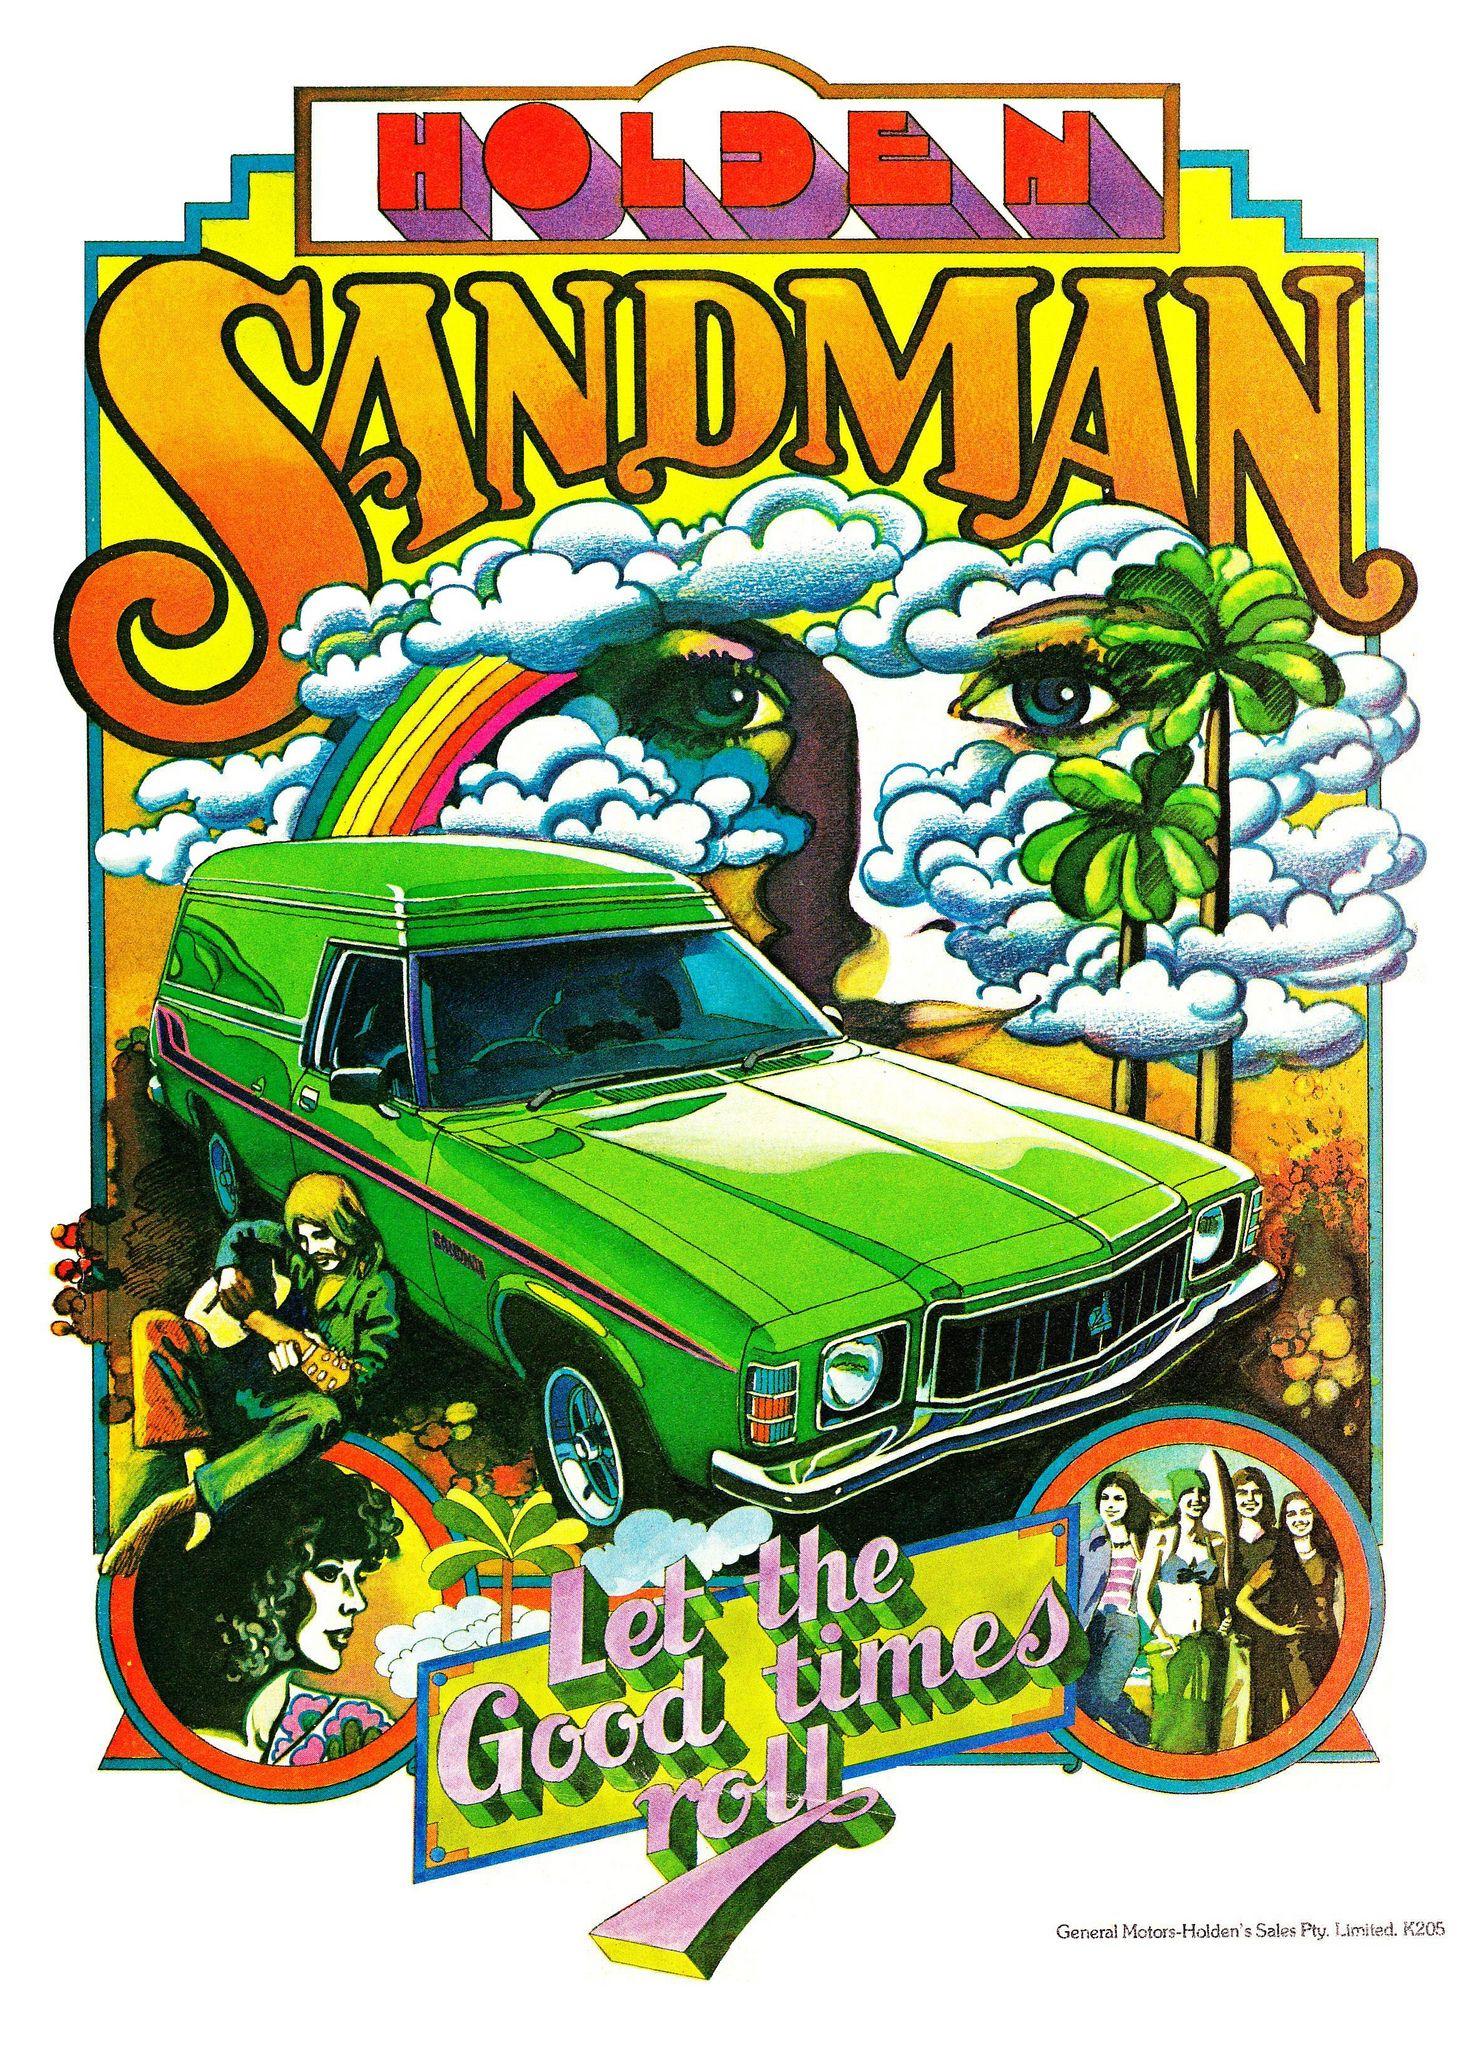 fa7139f231 1978 HZ Holden Sandman Panel Van Aussie Original Magazine ...